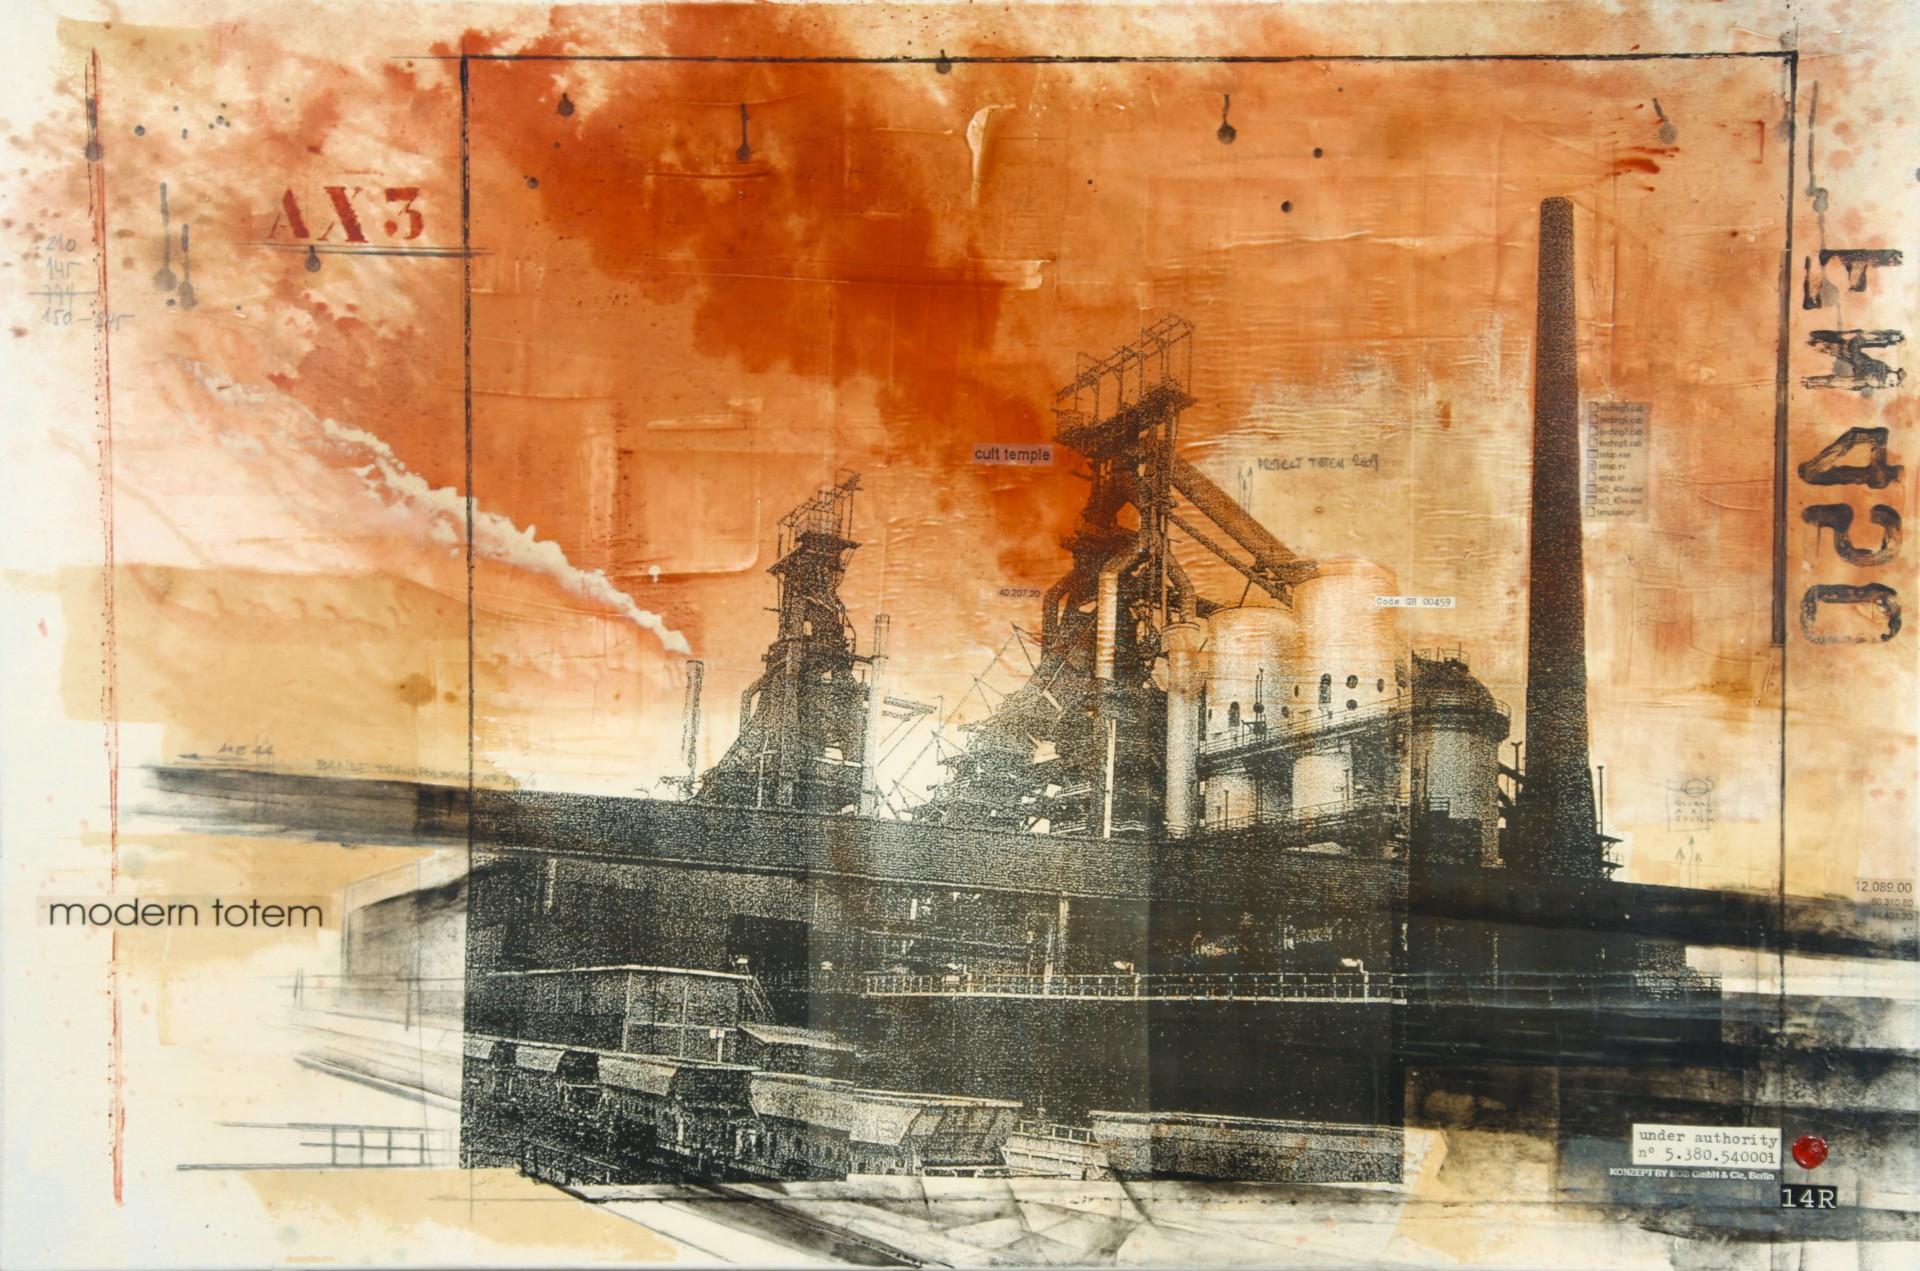 Modern Totem - Esch-sur-Alzette (L) - collage photo, huile, acrylique sur toile - 100 x 150 cm - 2007